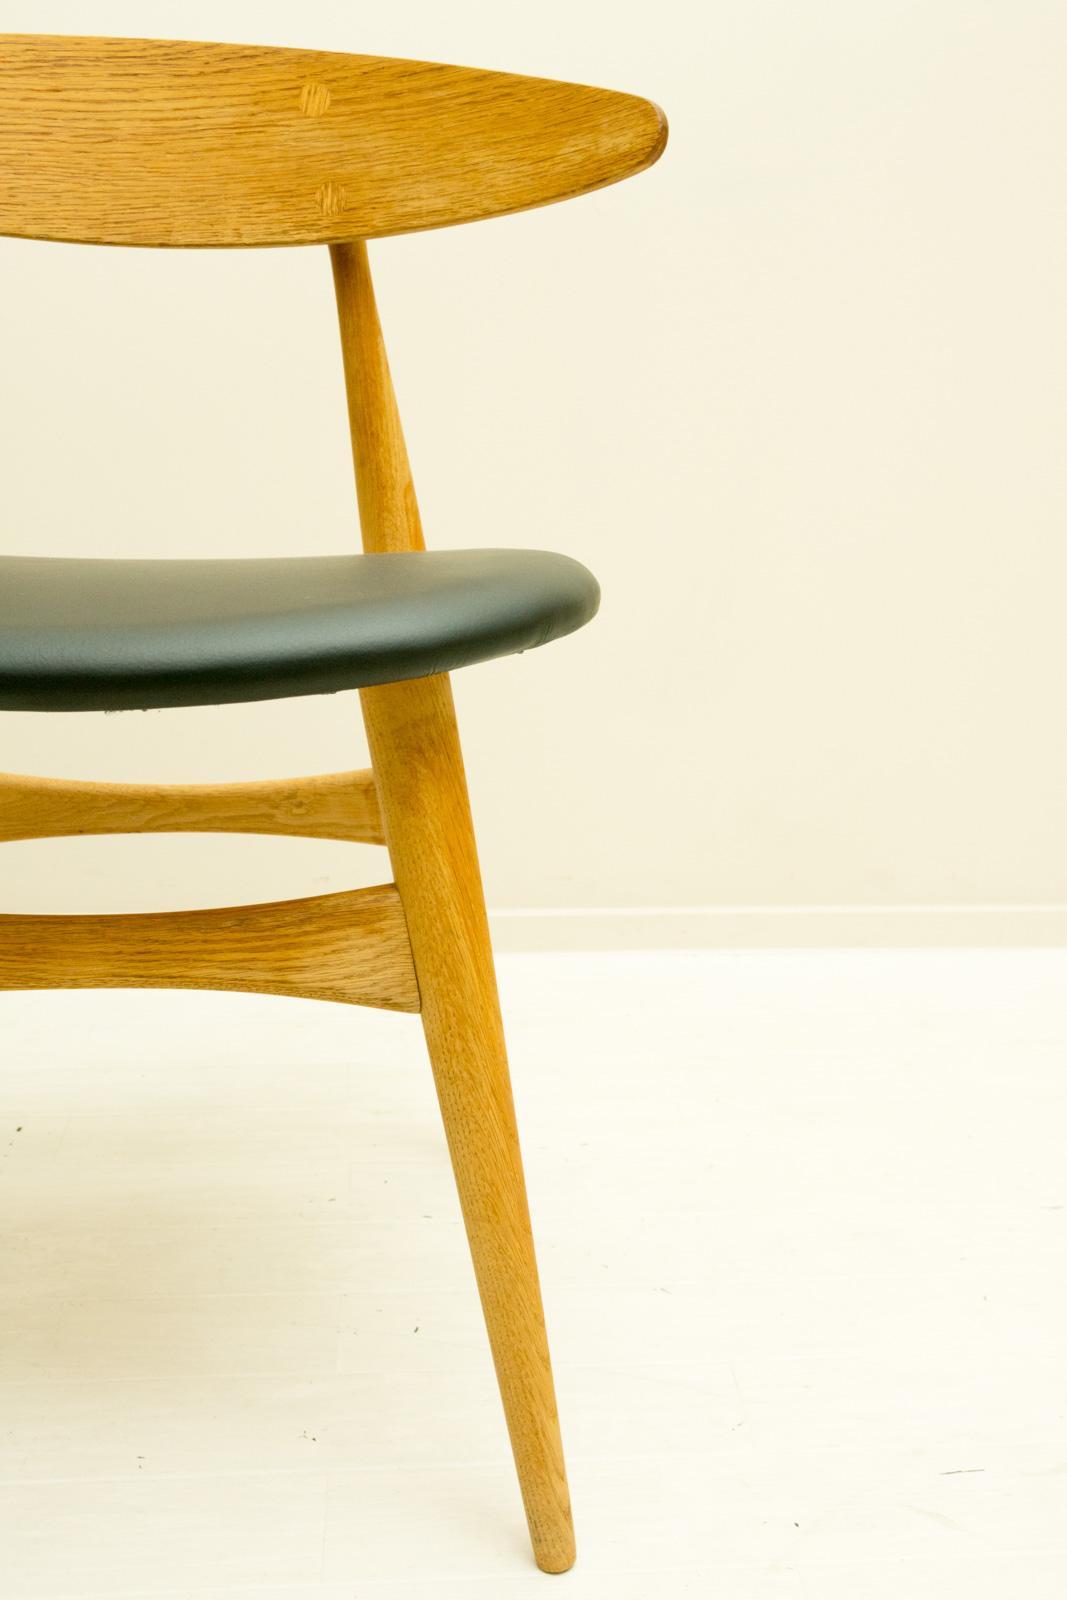 【2脚セット】CH33 Dining Chair by Hans Wegner